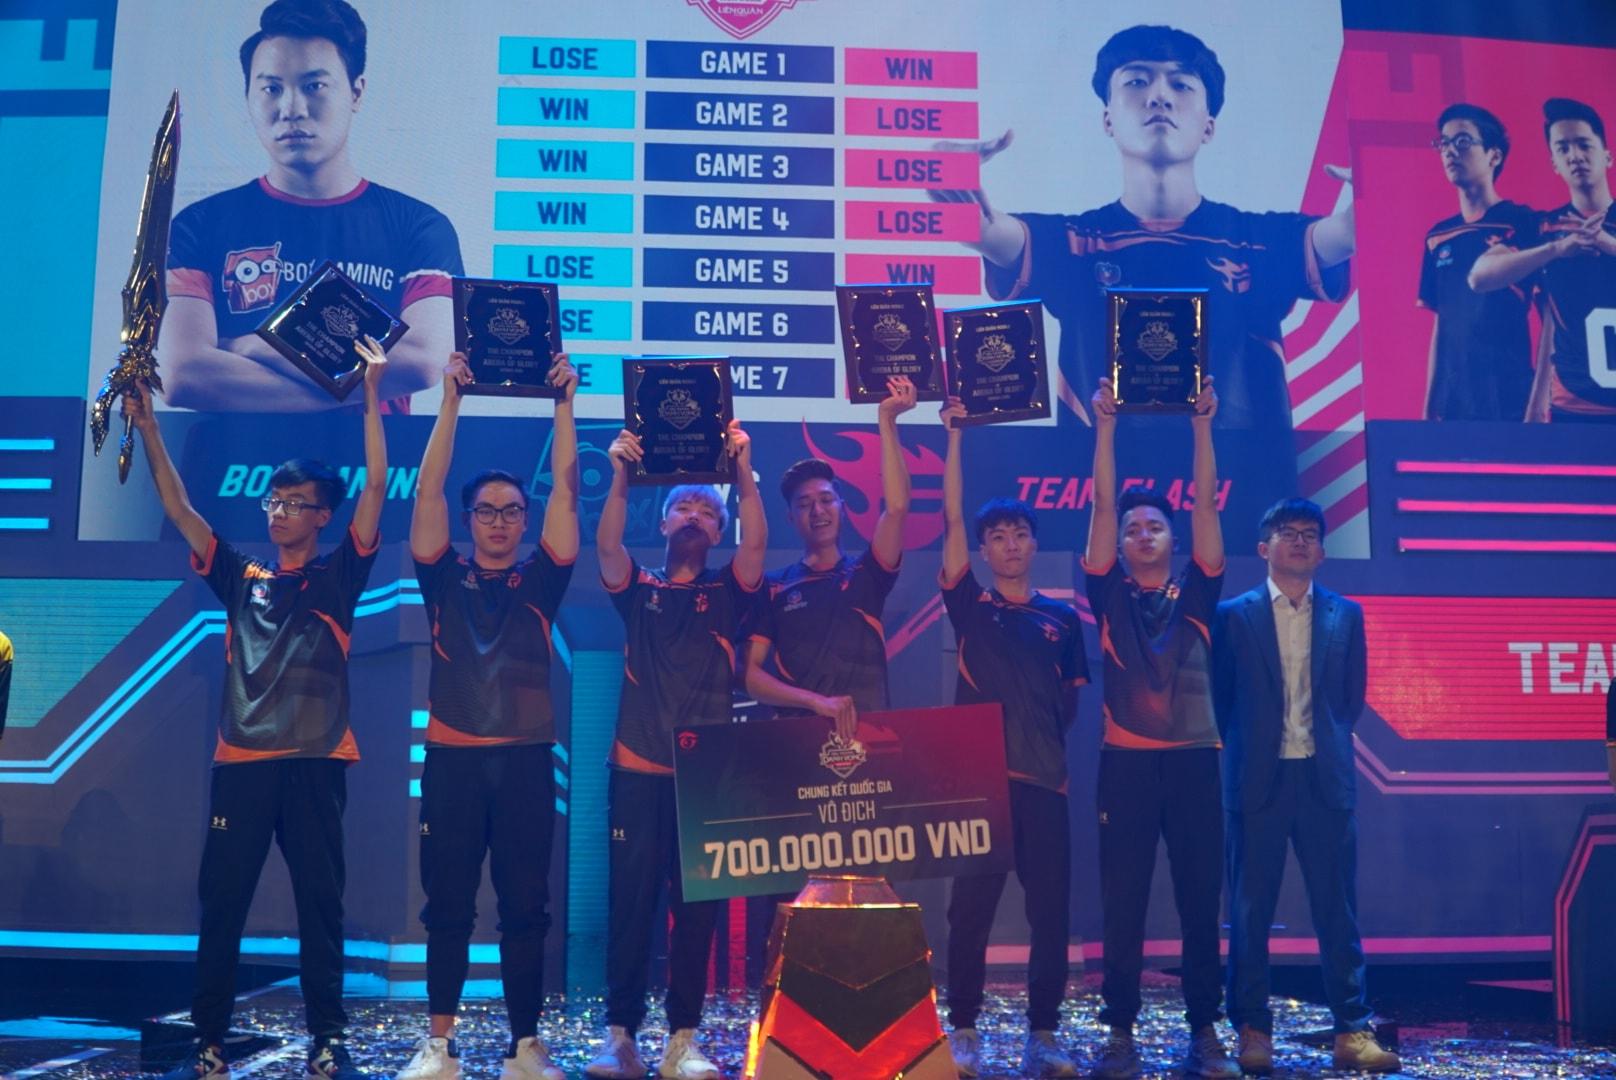 [Liên Quân Mobile] Trận chung kết ĐTDV mùa Xuân 2019 xô đổ hàng loạt kỷ lục của Esports Việt Nam